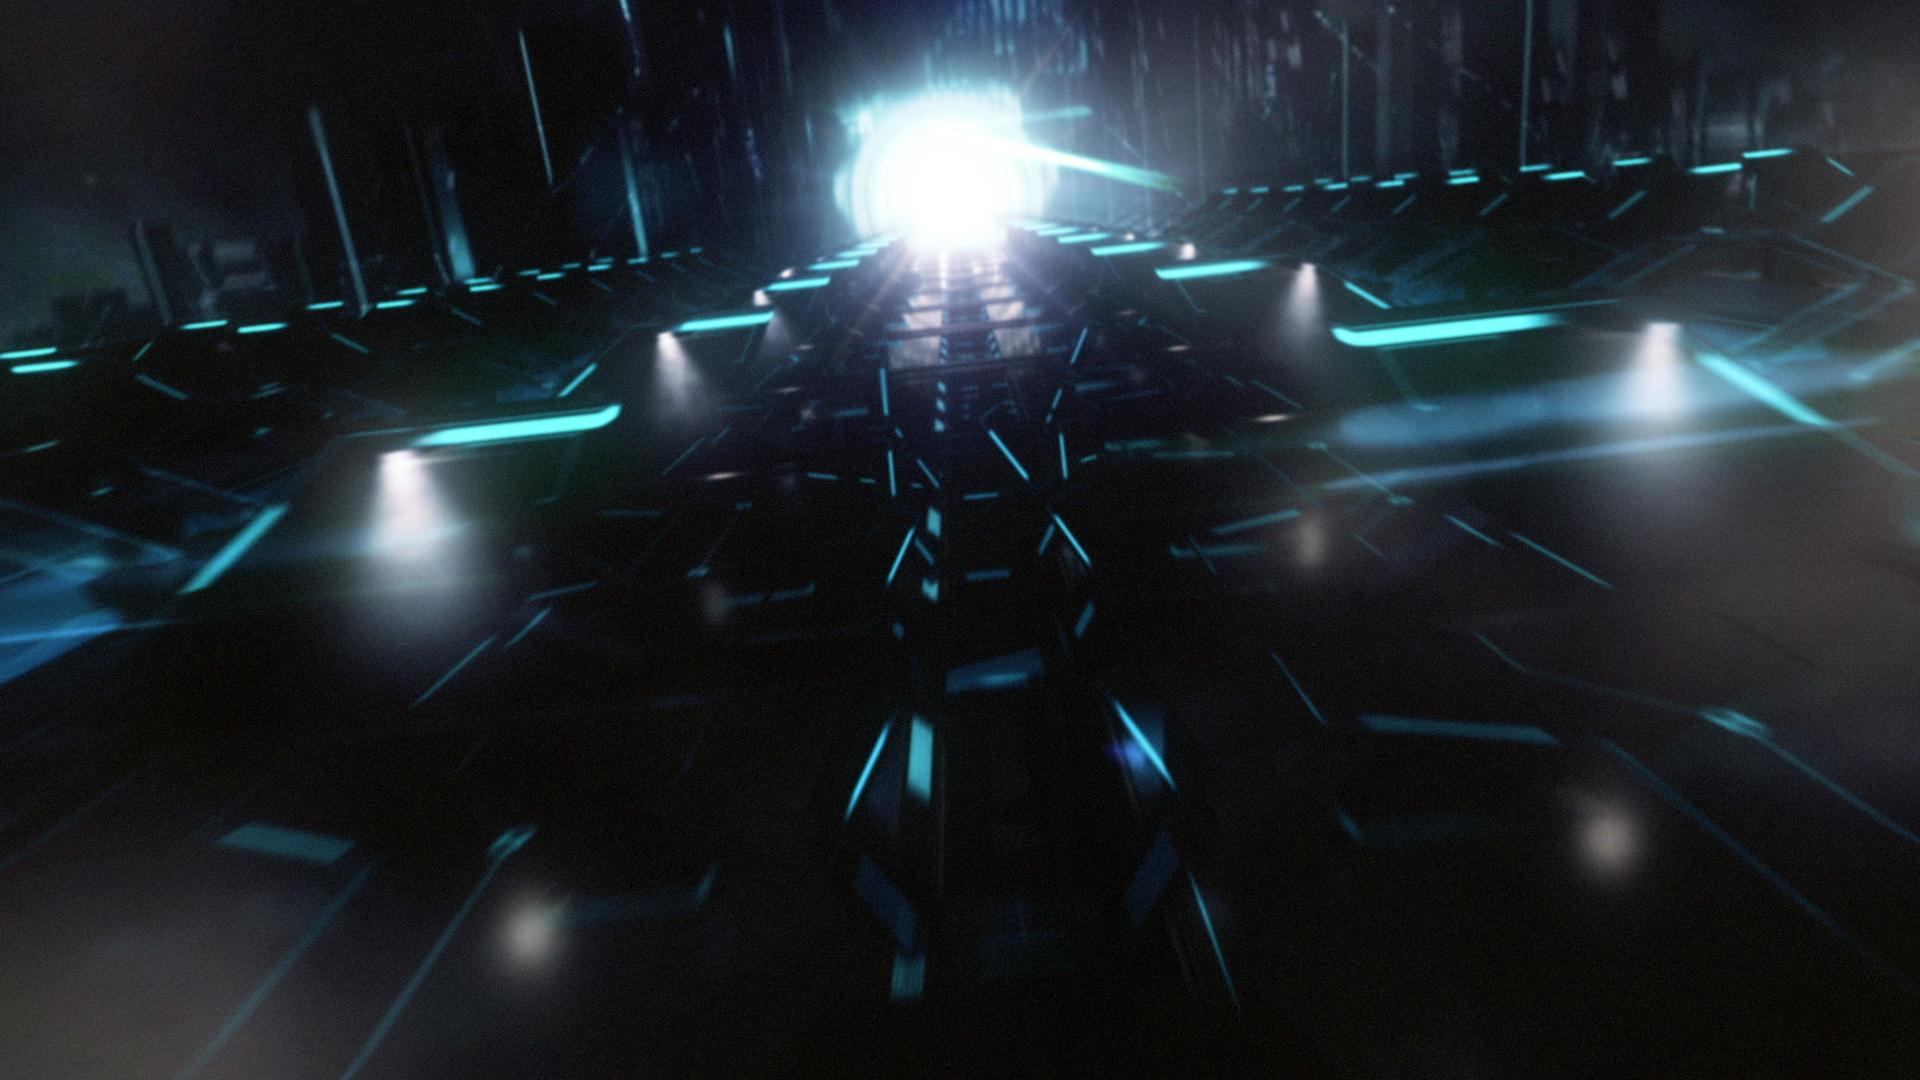 Nike_HyperCool_Speed_1465_VITAMIN_032713_v01.mov.00_00_06_09.Still003.jpg